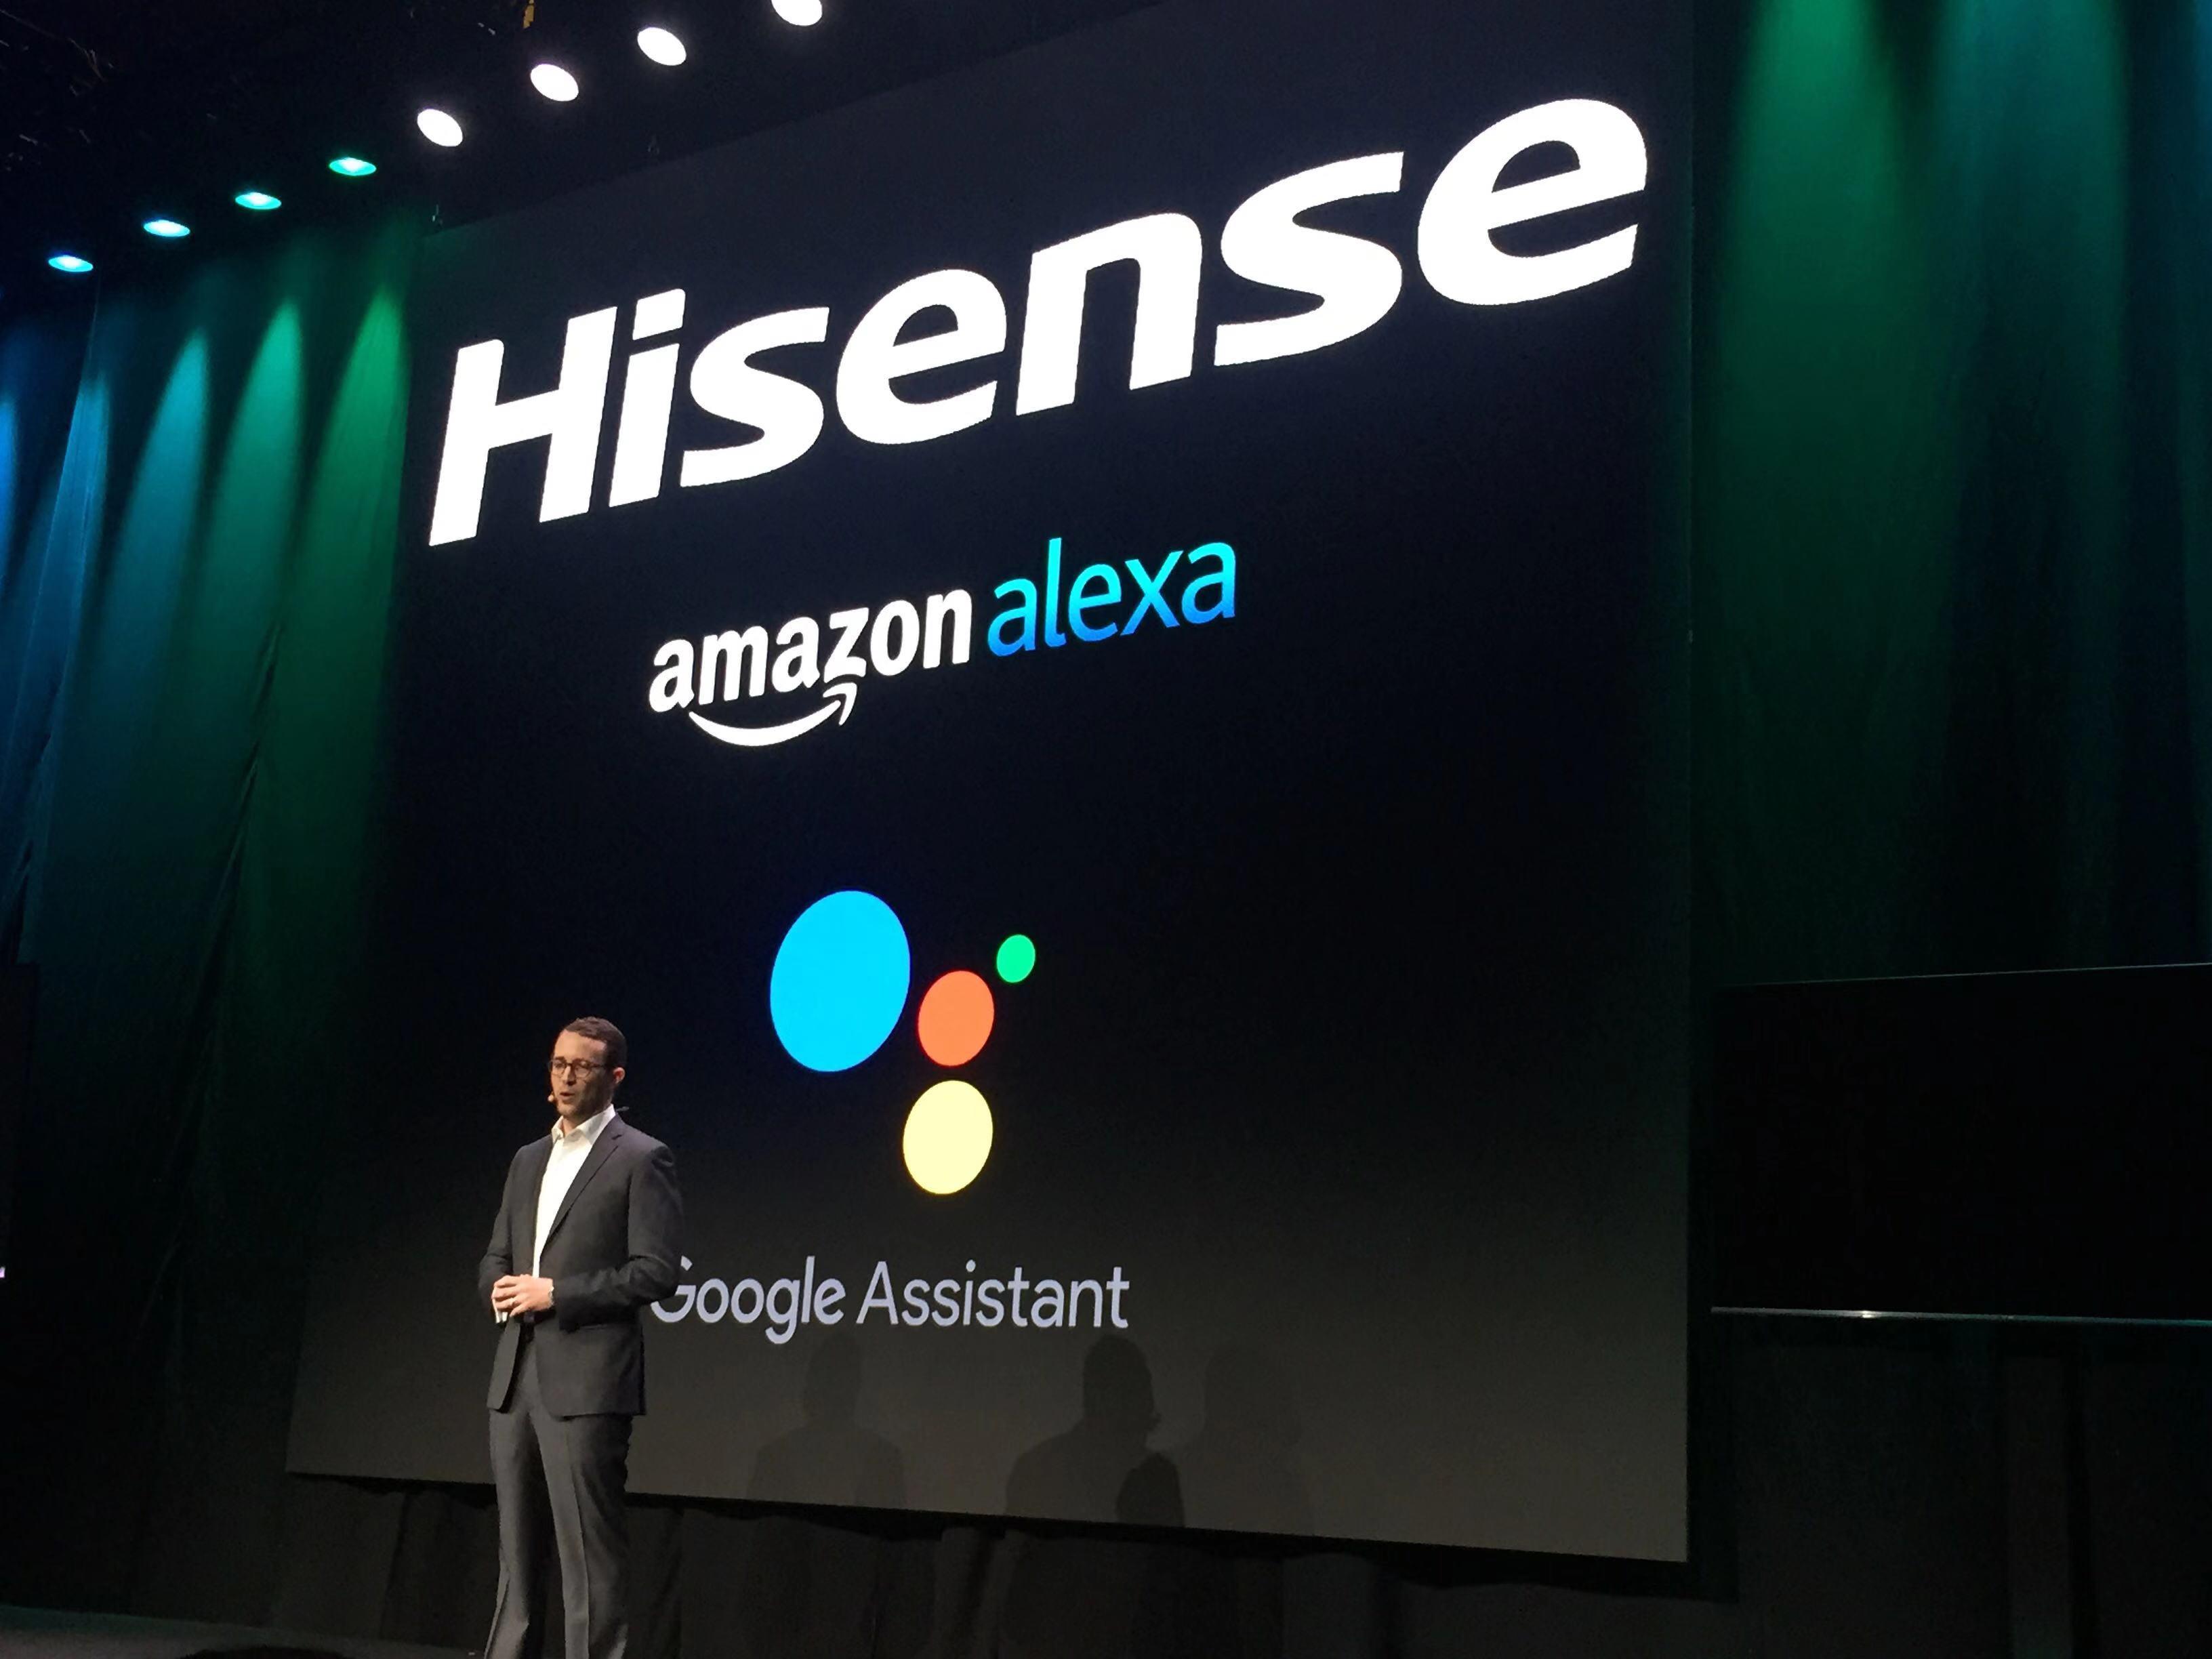 海信与亚马逊Alexa、谷歌Google Assistant两大智能语音助手合作。